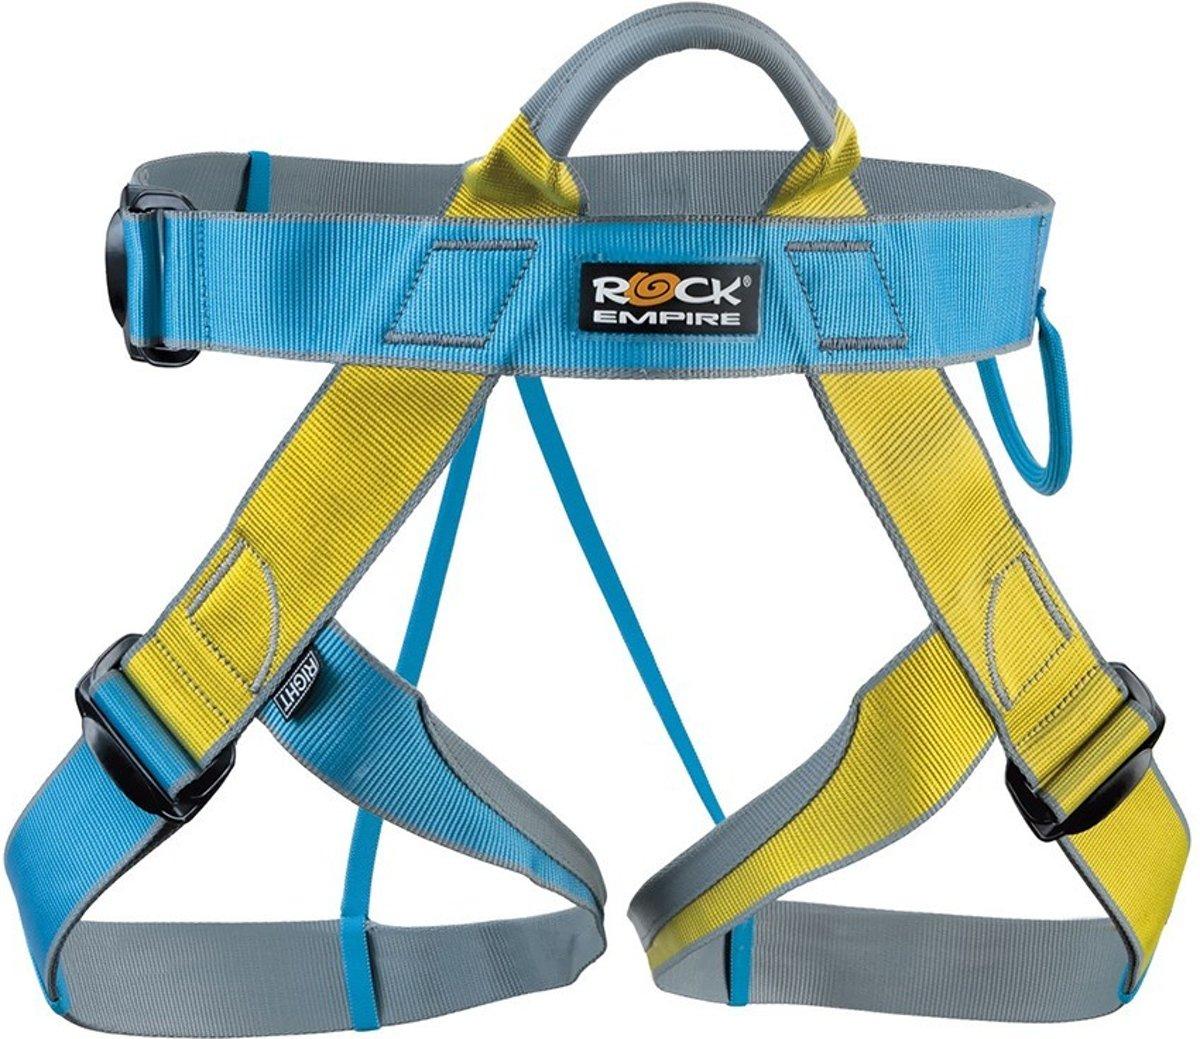 Rock Empire Speedy een ideale klimgordel voor klettersteigen eenvoudige alpiene tochten buitensportorganisaties en klimhallen.